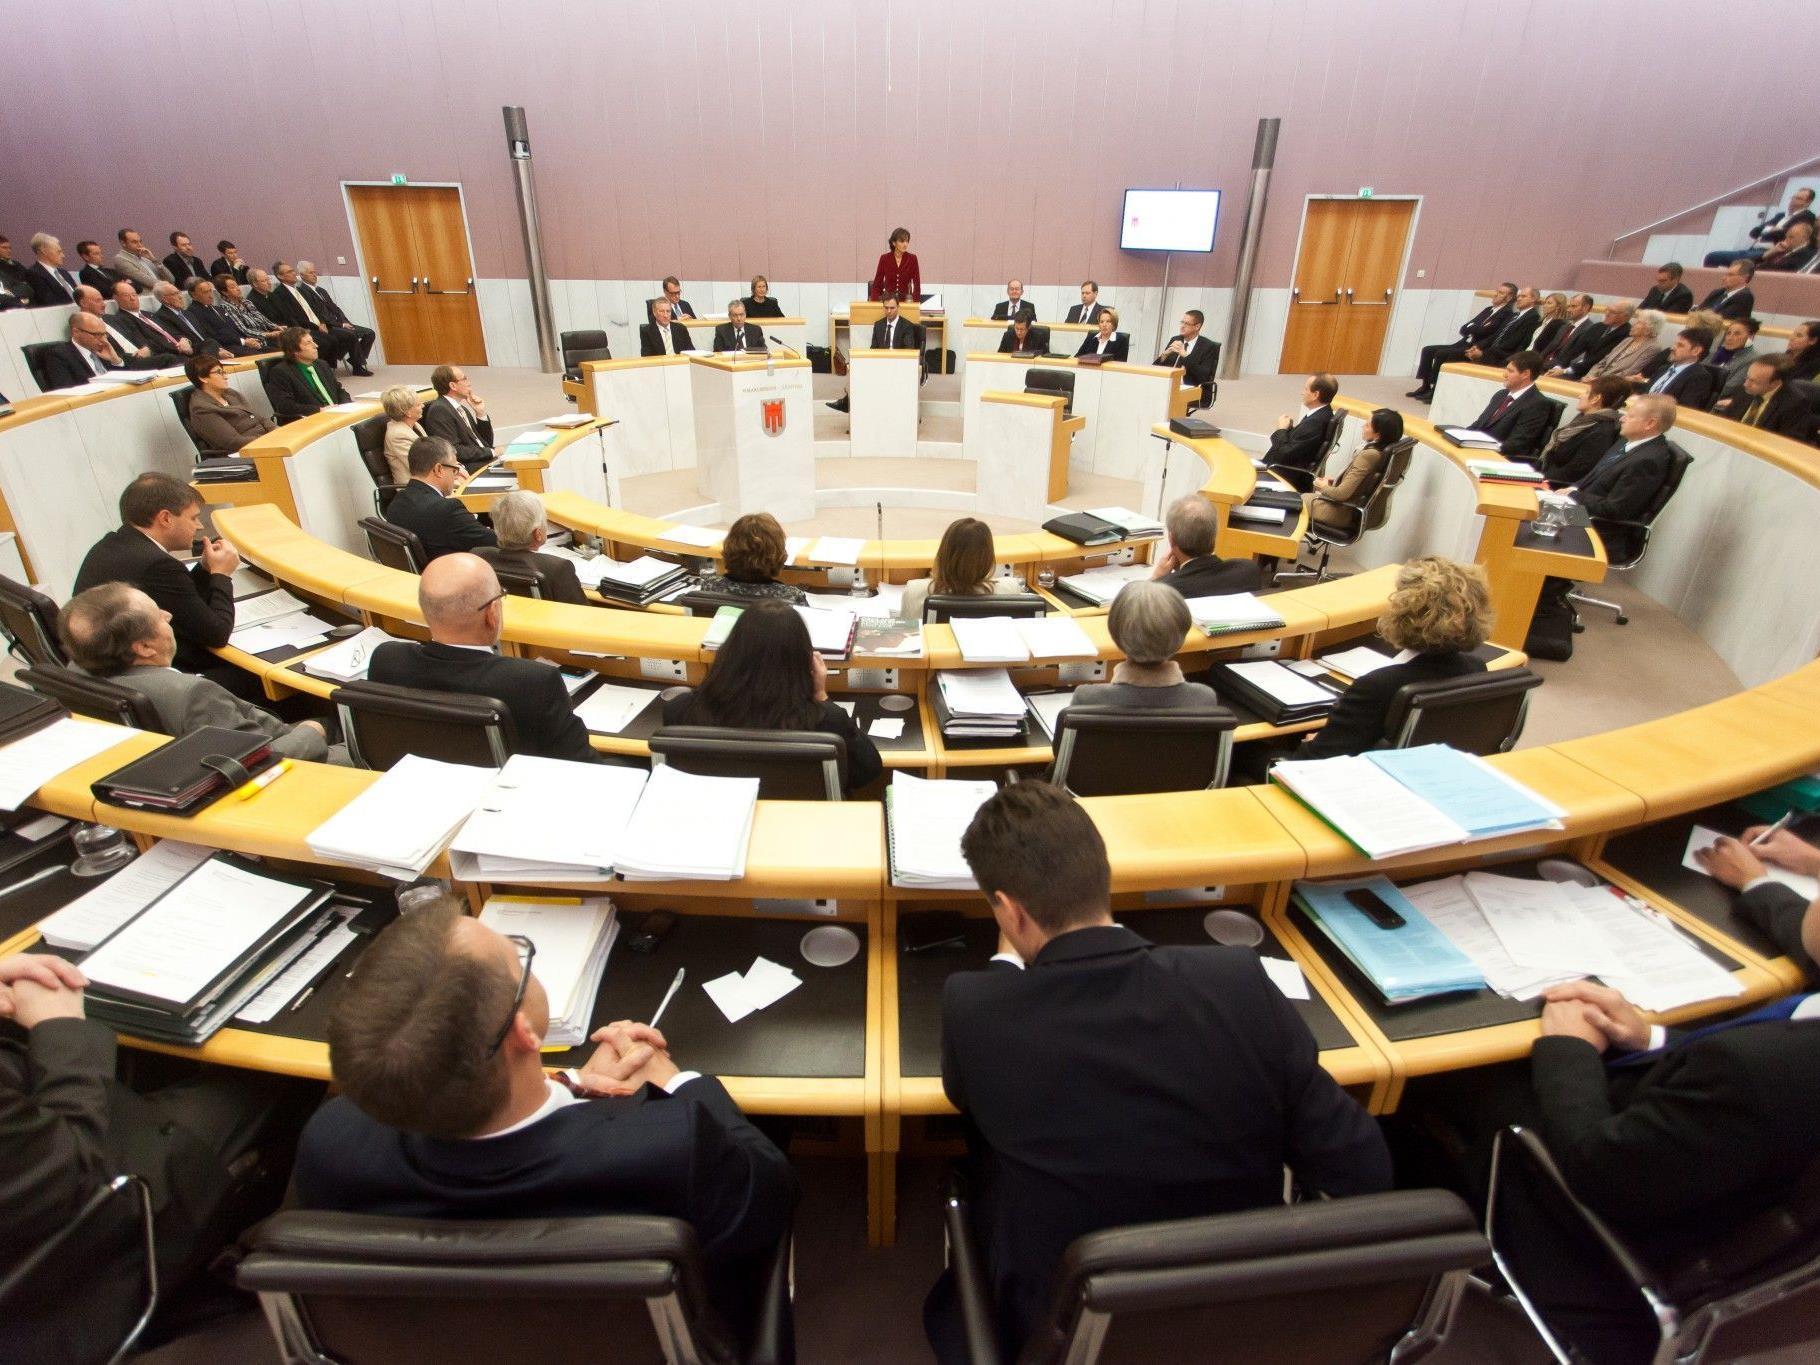 Personelle Weichenstellung im ÖVP-Landtagsklub.